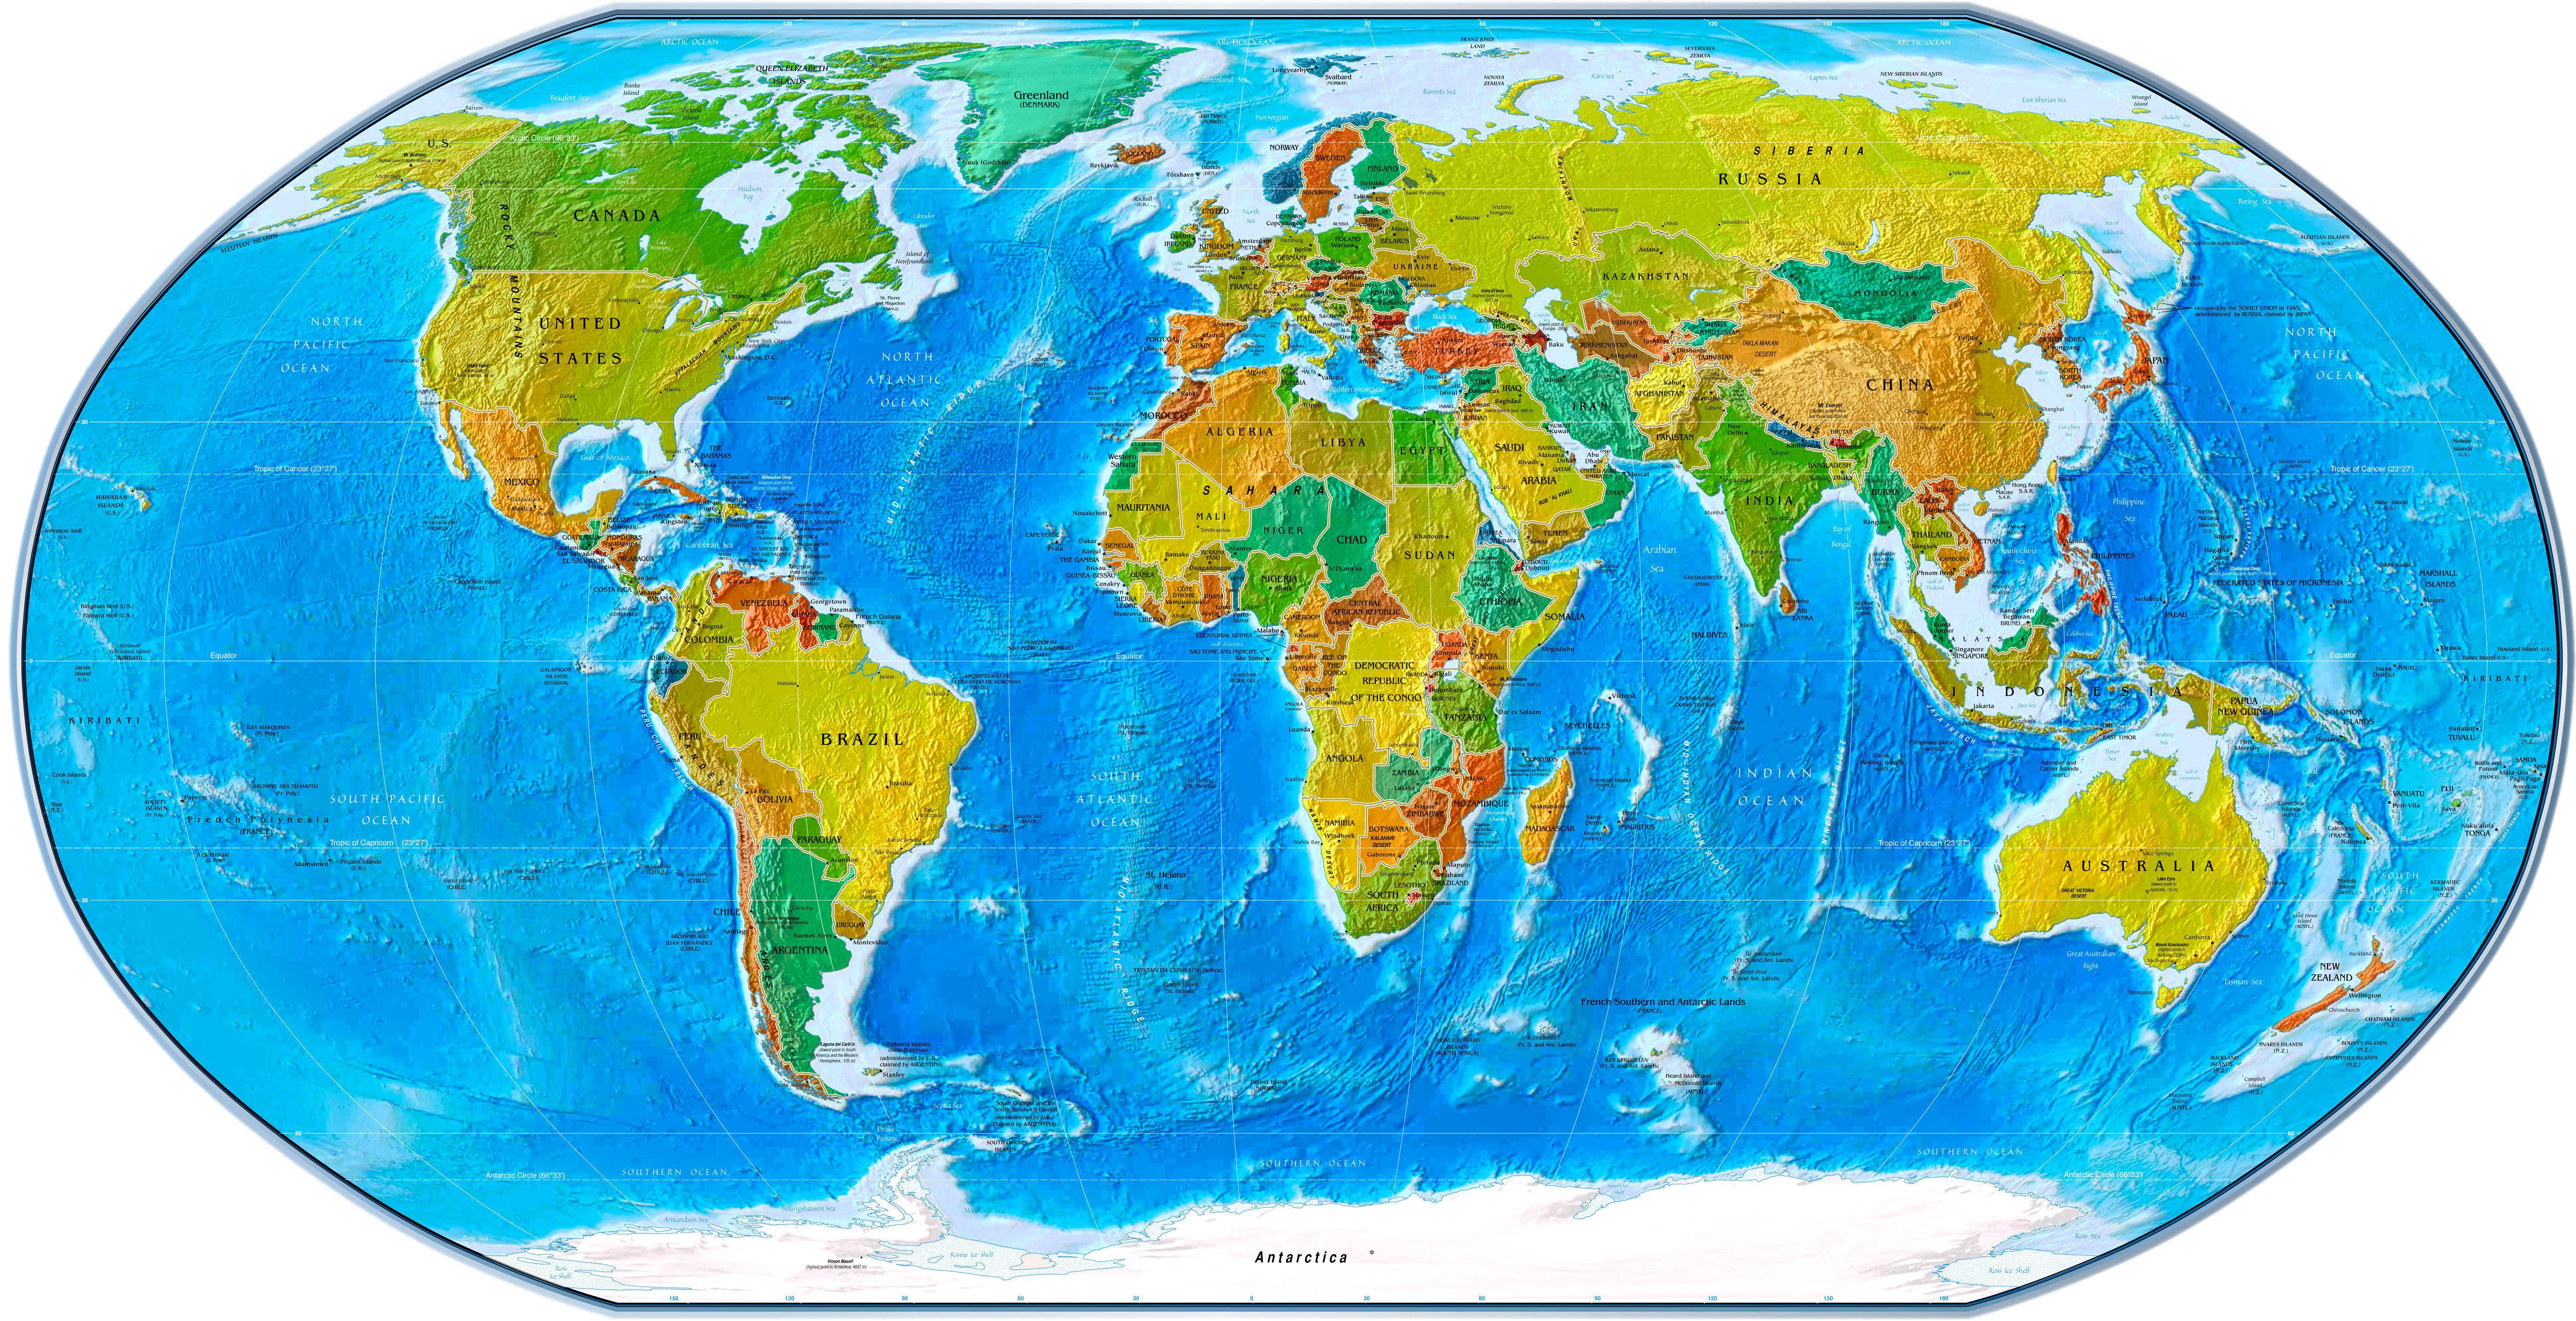 Appalachian World Map